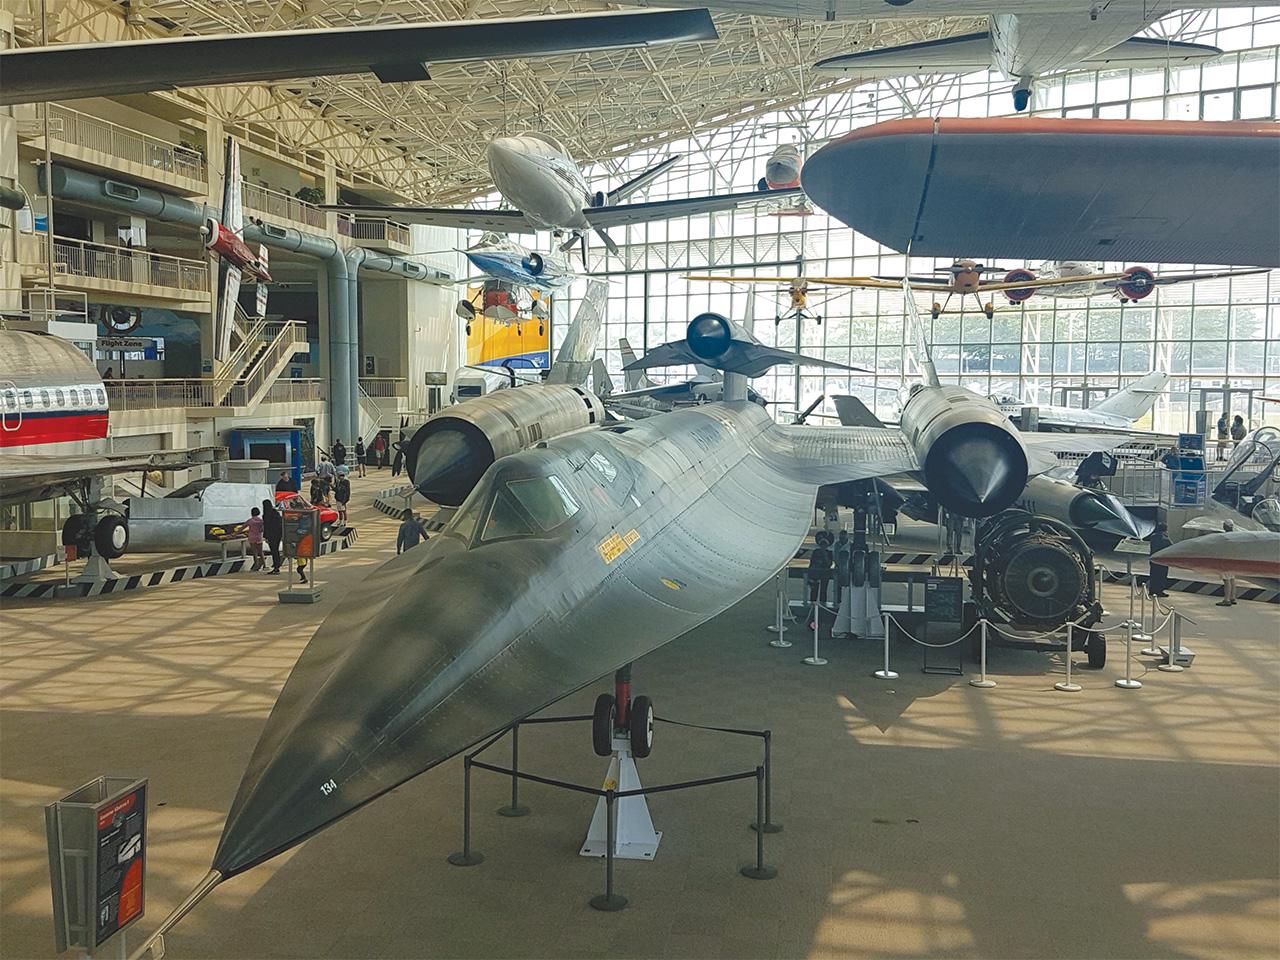 מוזיאון התעופה בסיאטל. ספיר פרץ זילברמן